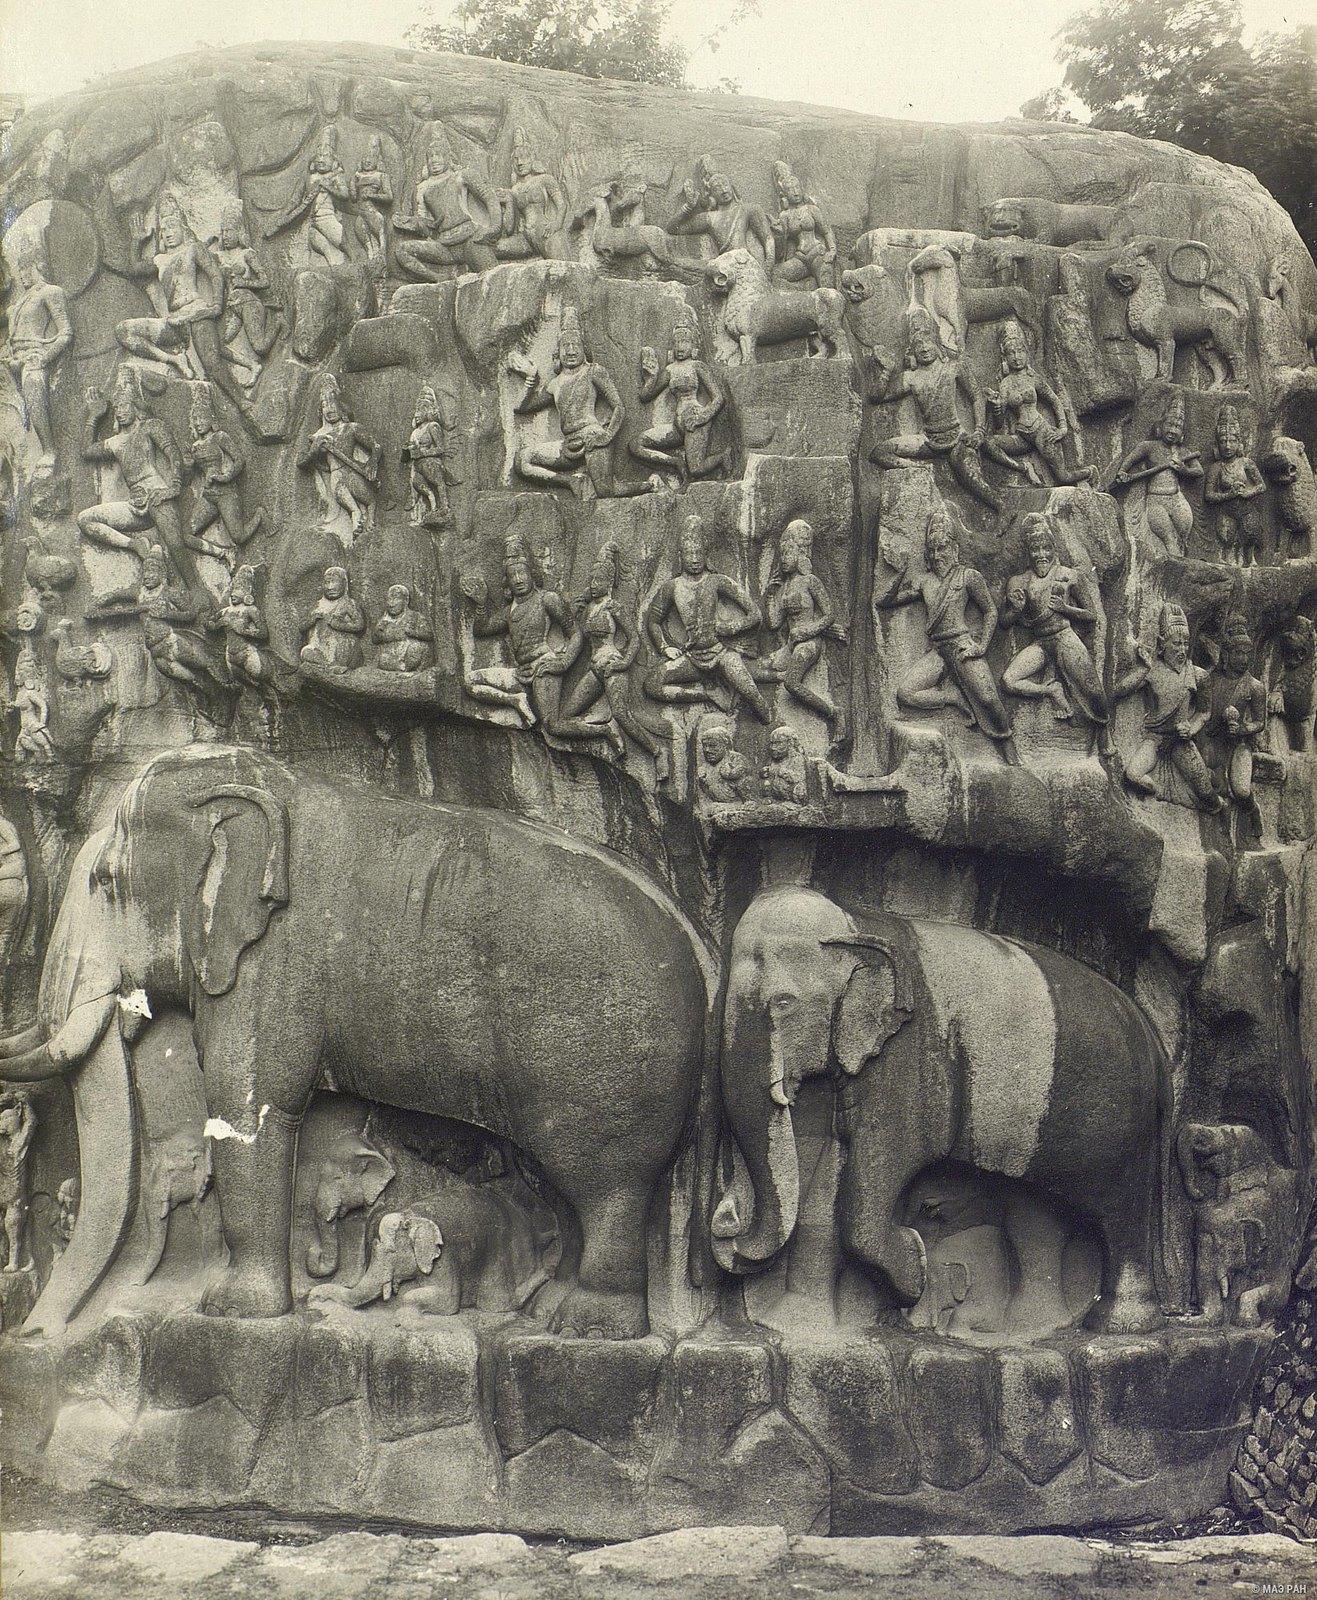 Мамаллапур (деталь рельефа со слонами на скале) (3)